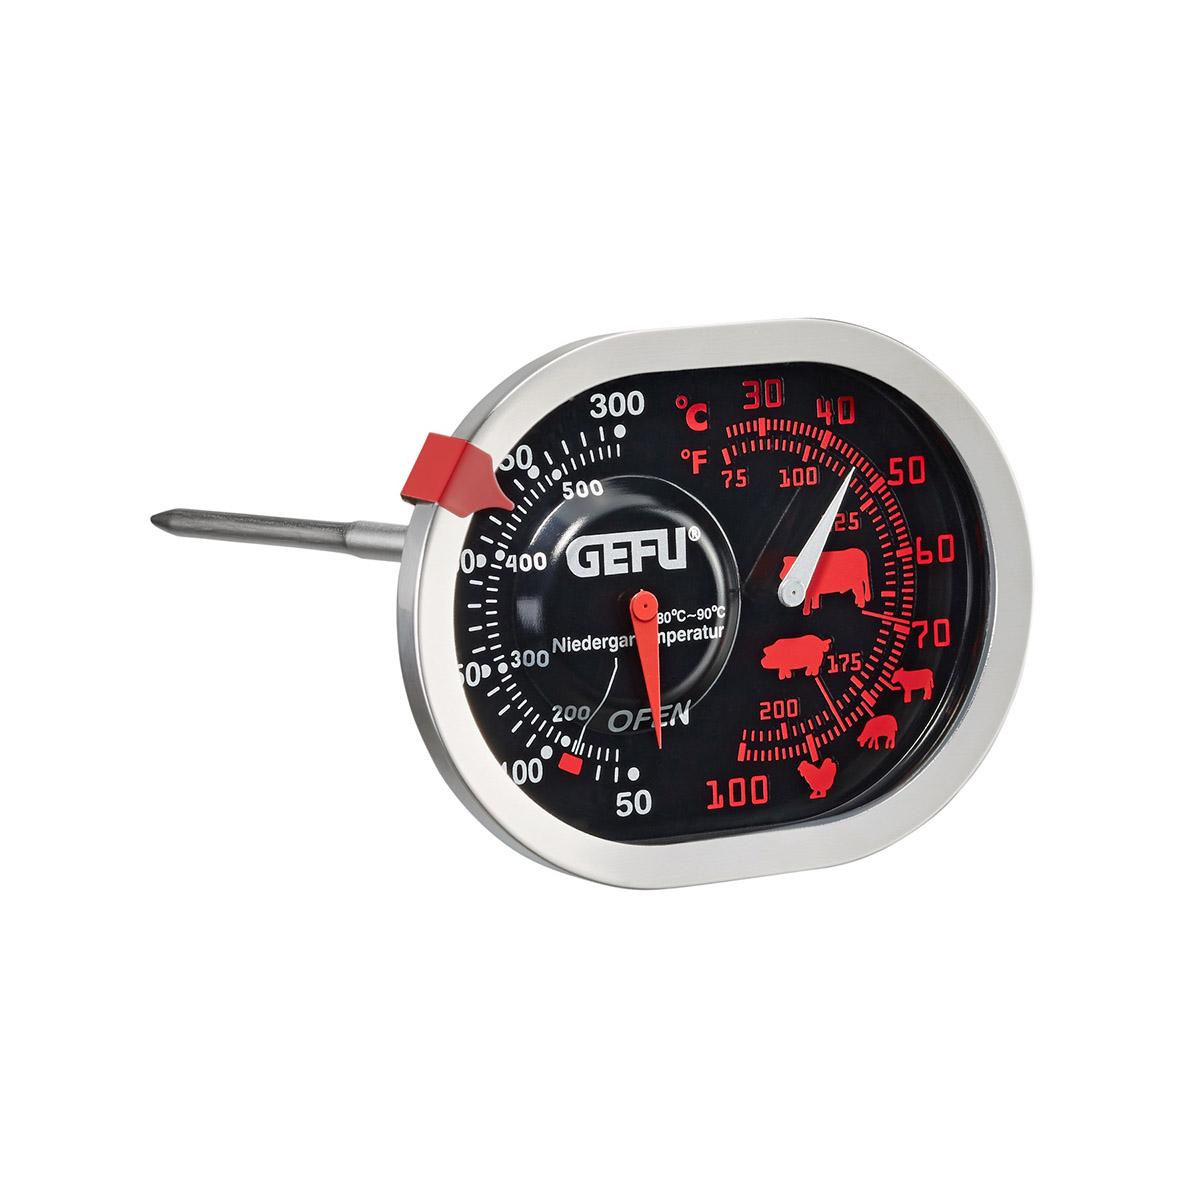 GEFU - 'Braten- und Ofenthermometer 3 in 1 MESSIMO - Braten / BBQ'